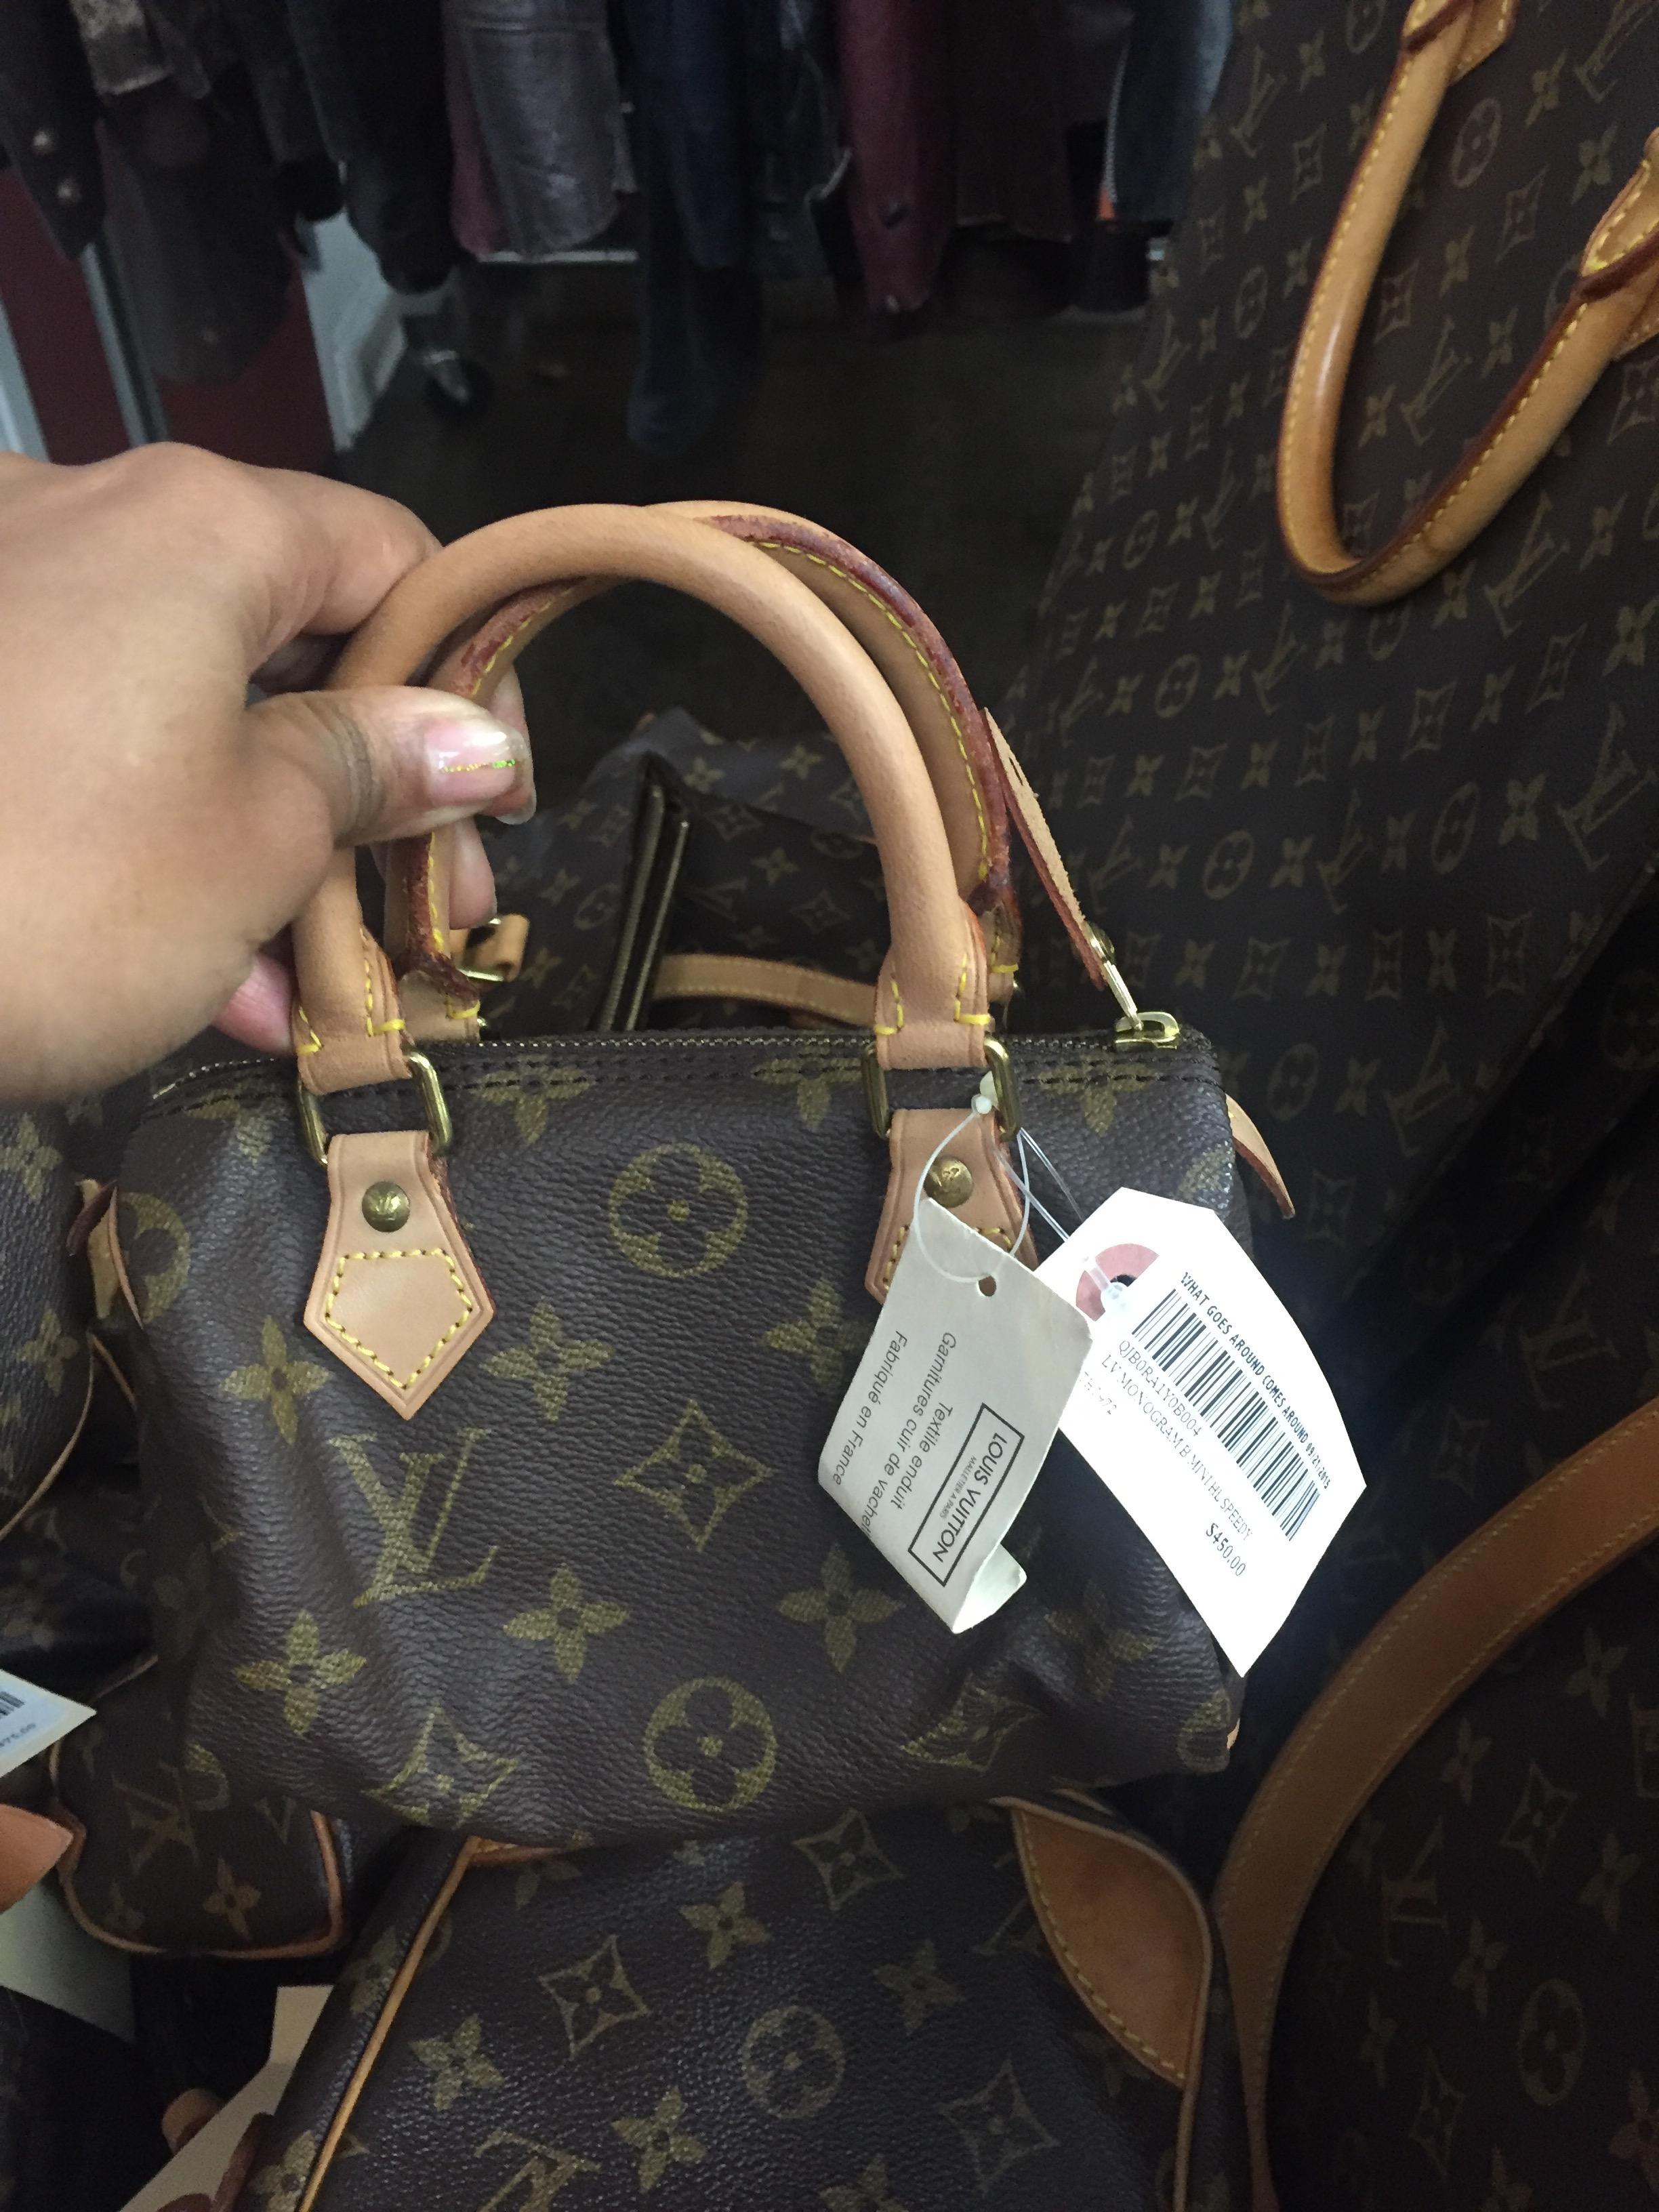 Louis Vuitton Bags Start at $450 at This Vintage Sample Sale Slash Designer Fantasy Land